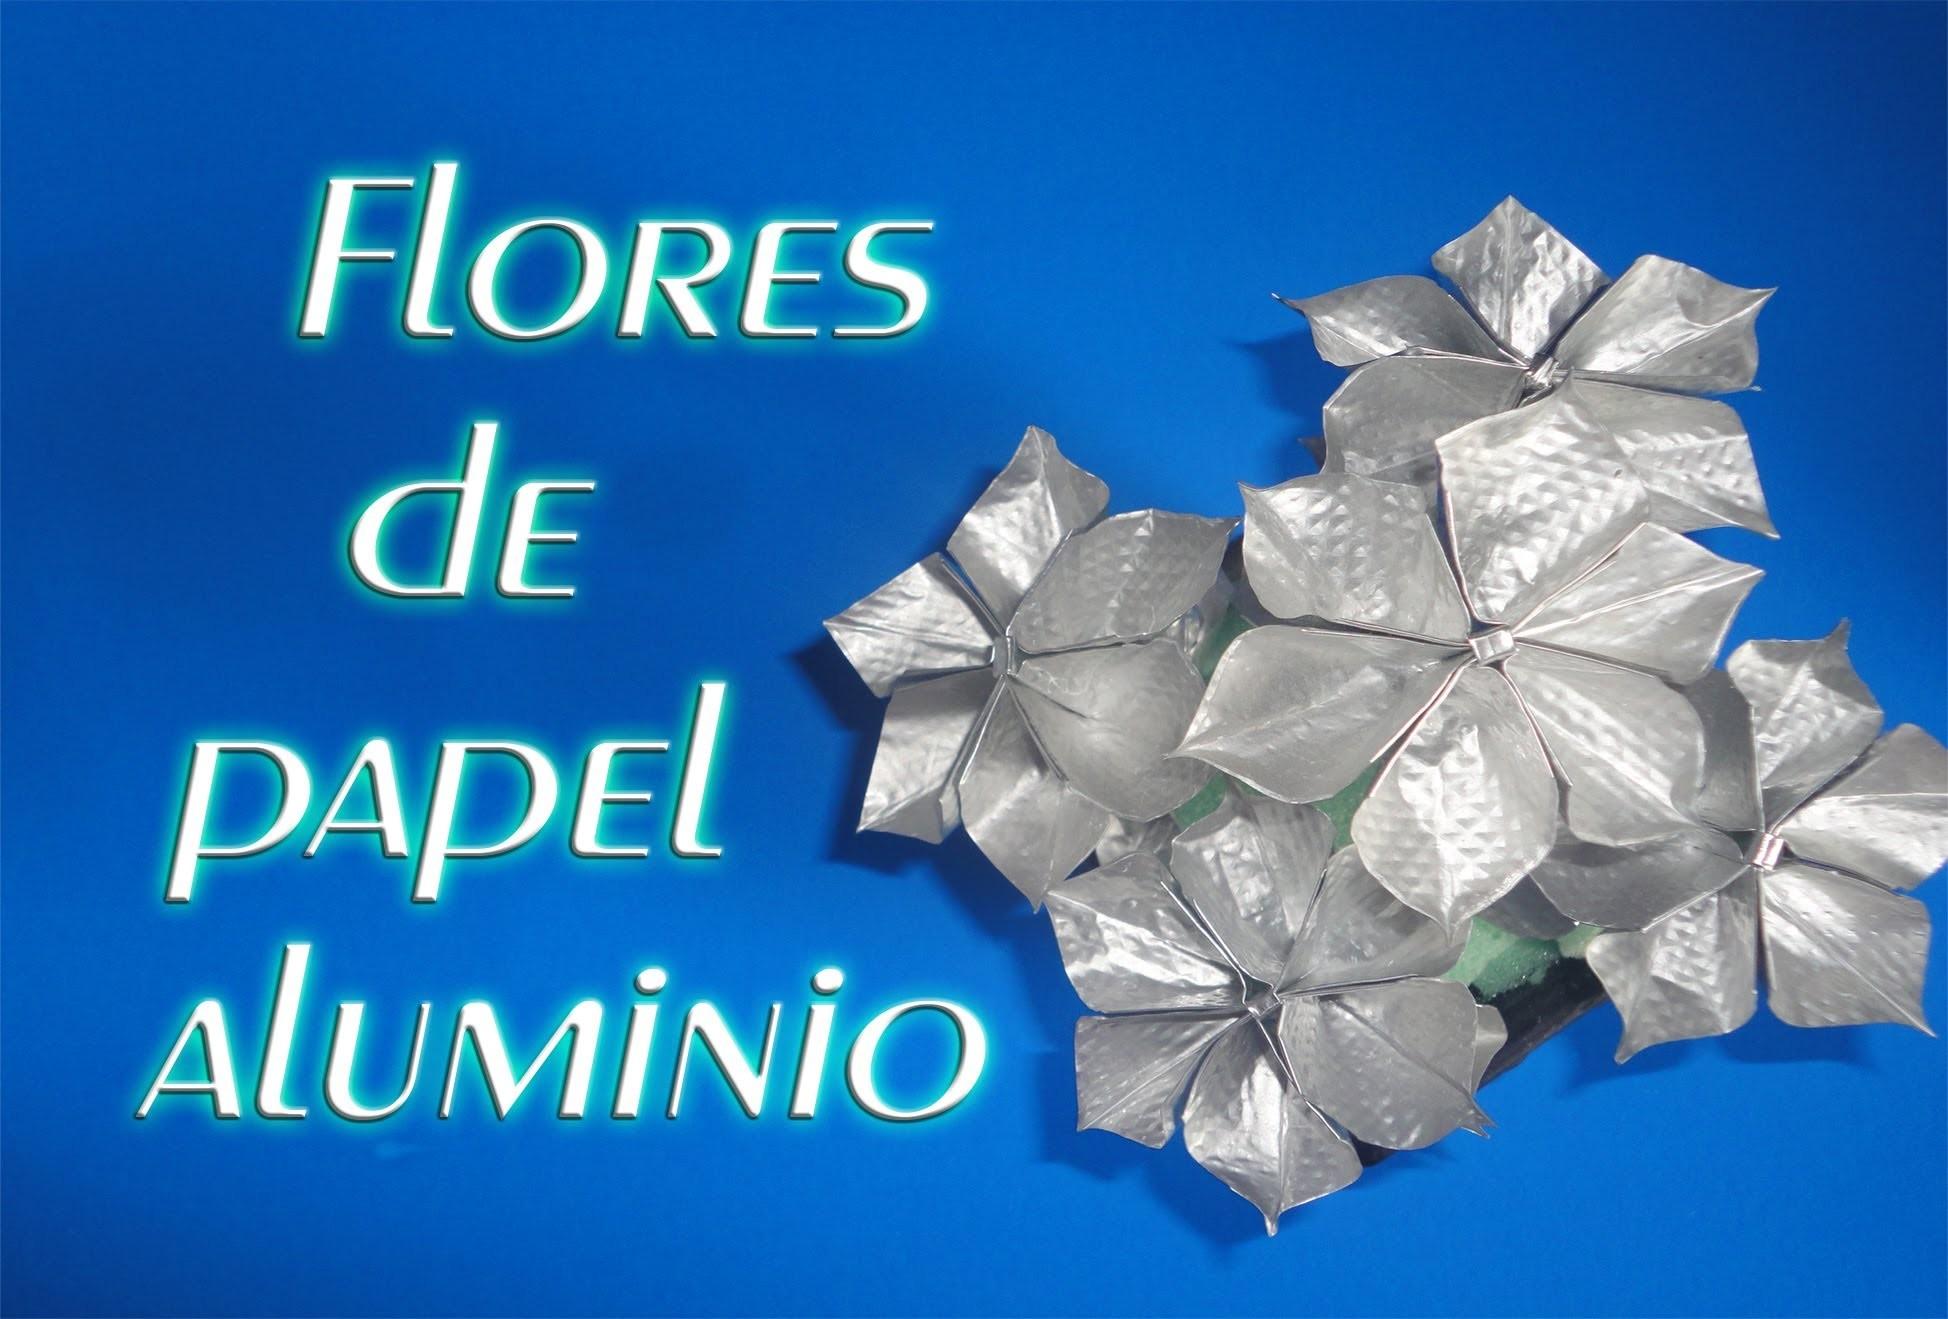 Flores de papel aluminio - Aluminum Flowers✿.✿